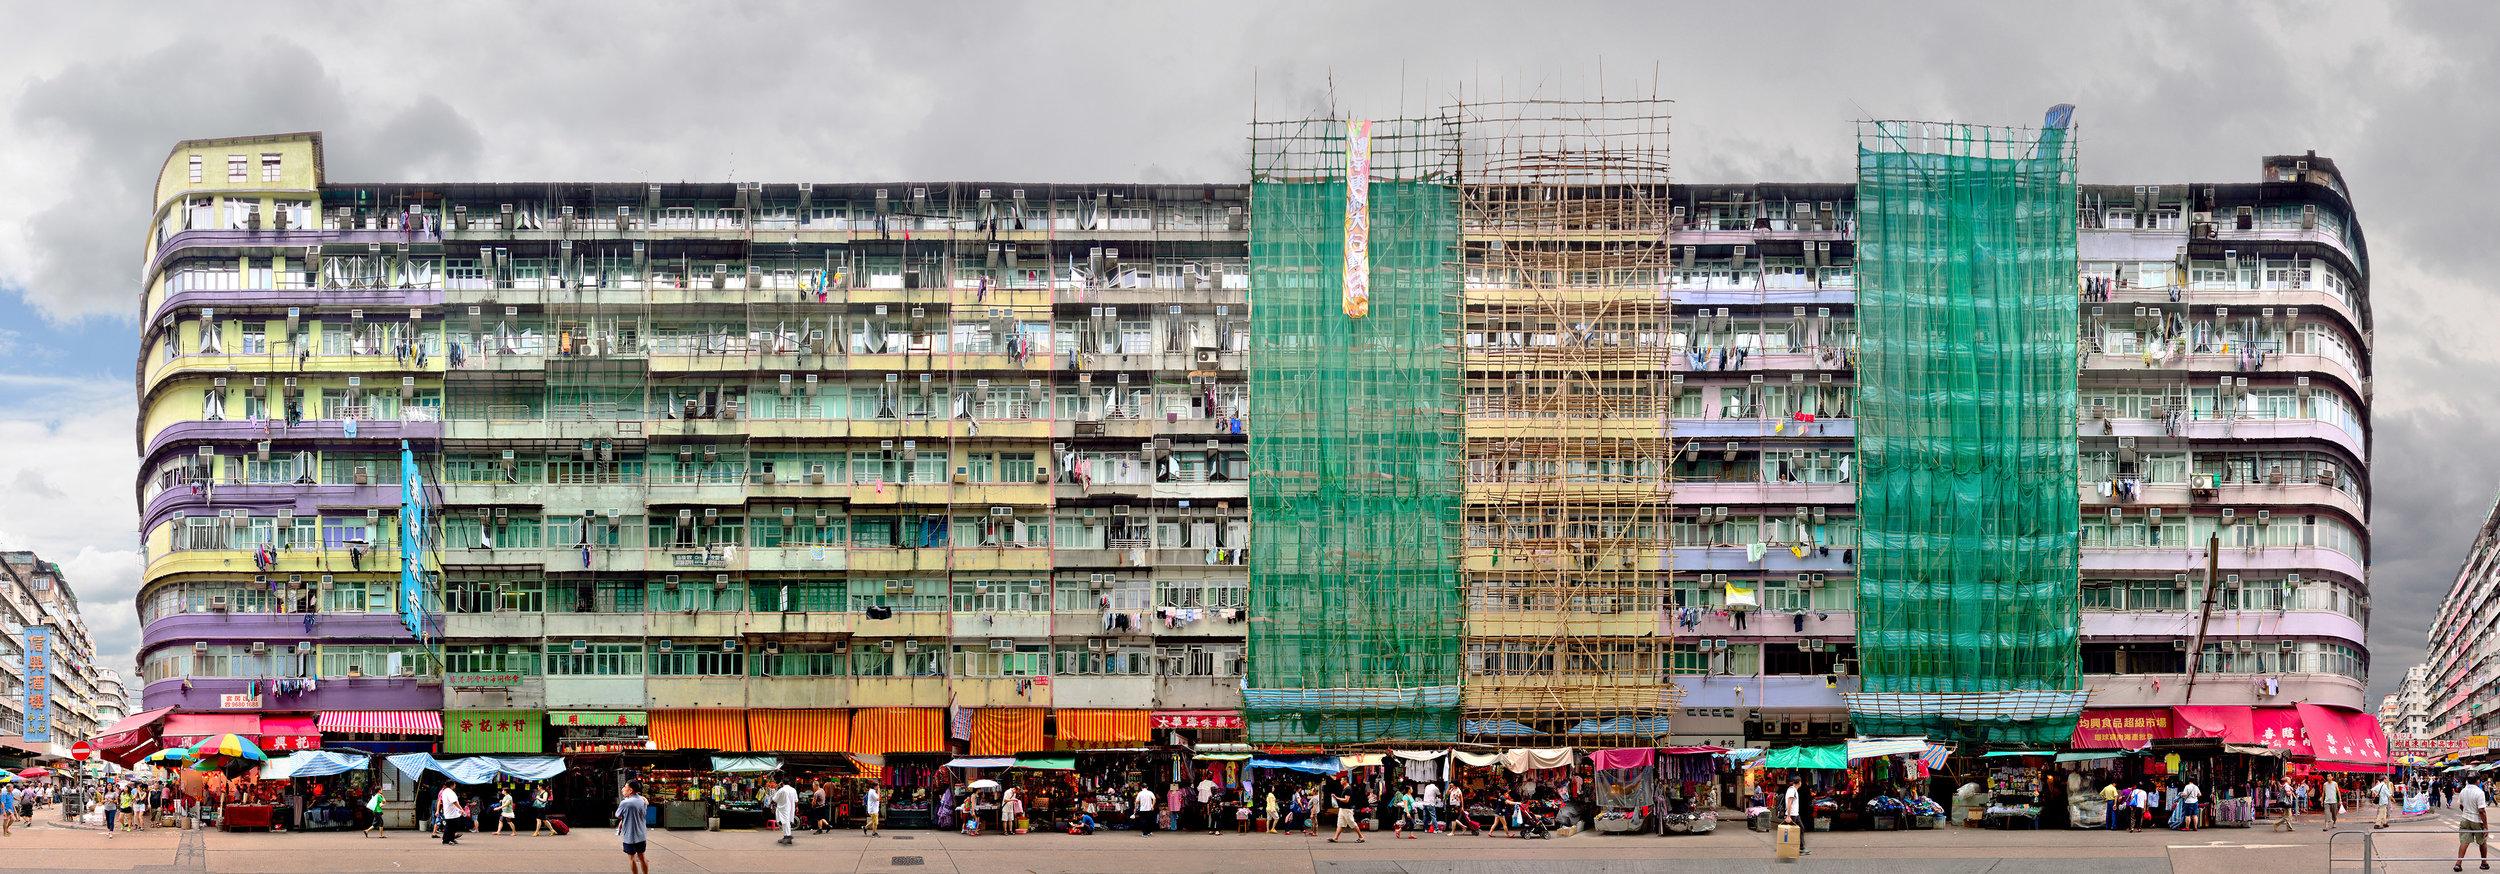 Irvine Hong Kong 1.jpg